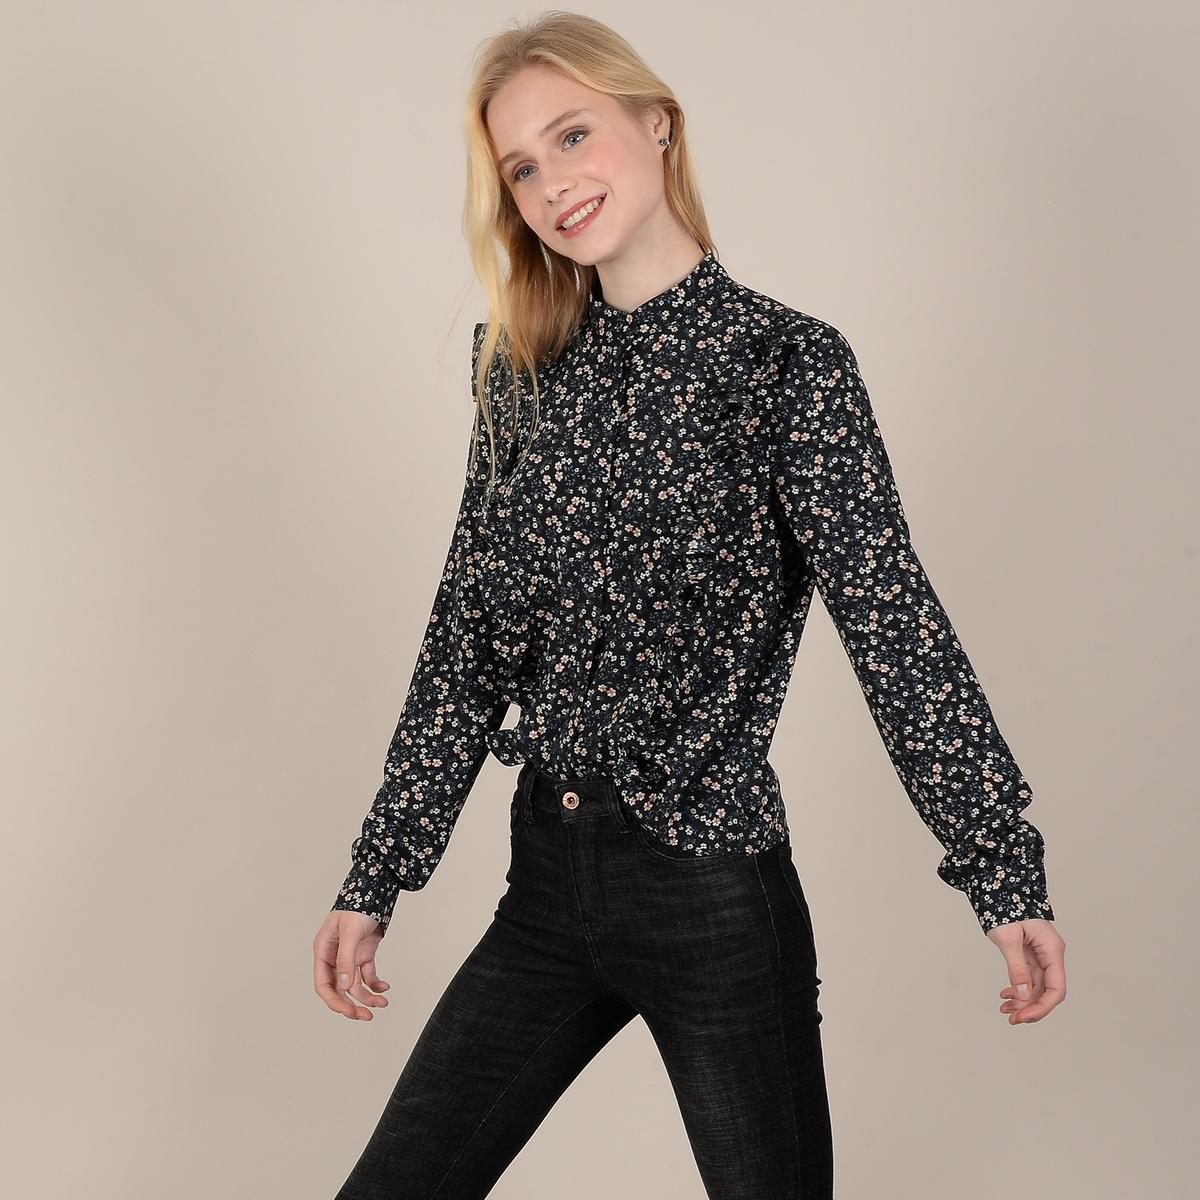 Блузка La Redoute С цветочным рисунком и длинными рукавами с воланами XL черный платье la redoute с цветочным рисунком короткими рукавами и воланами на груди s оранжевый